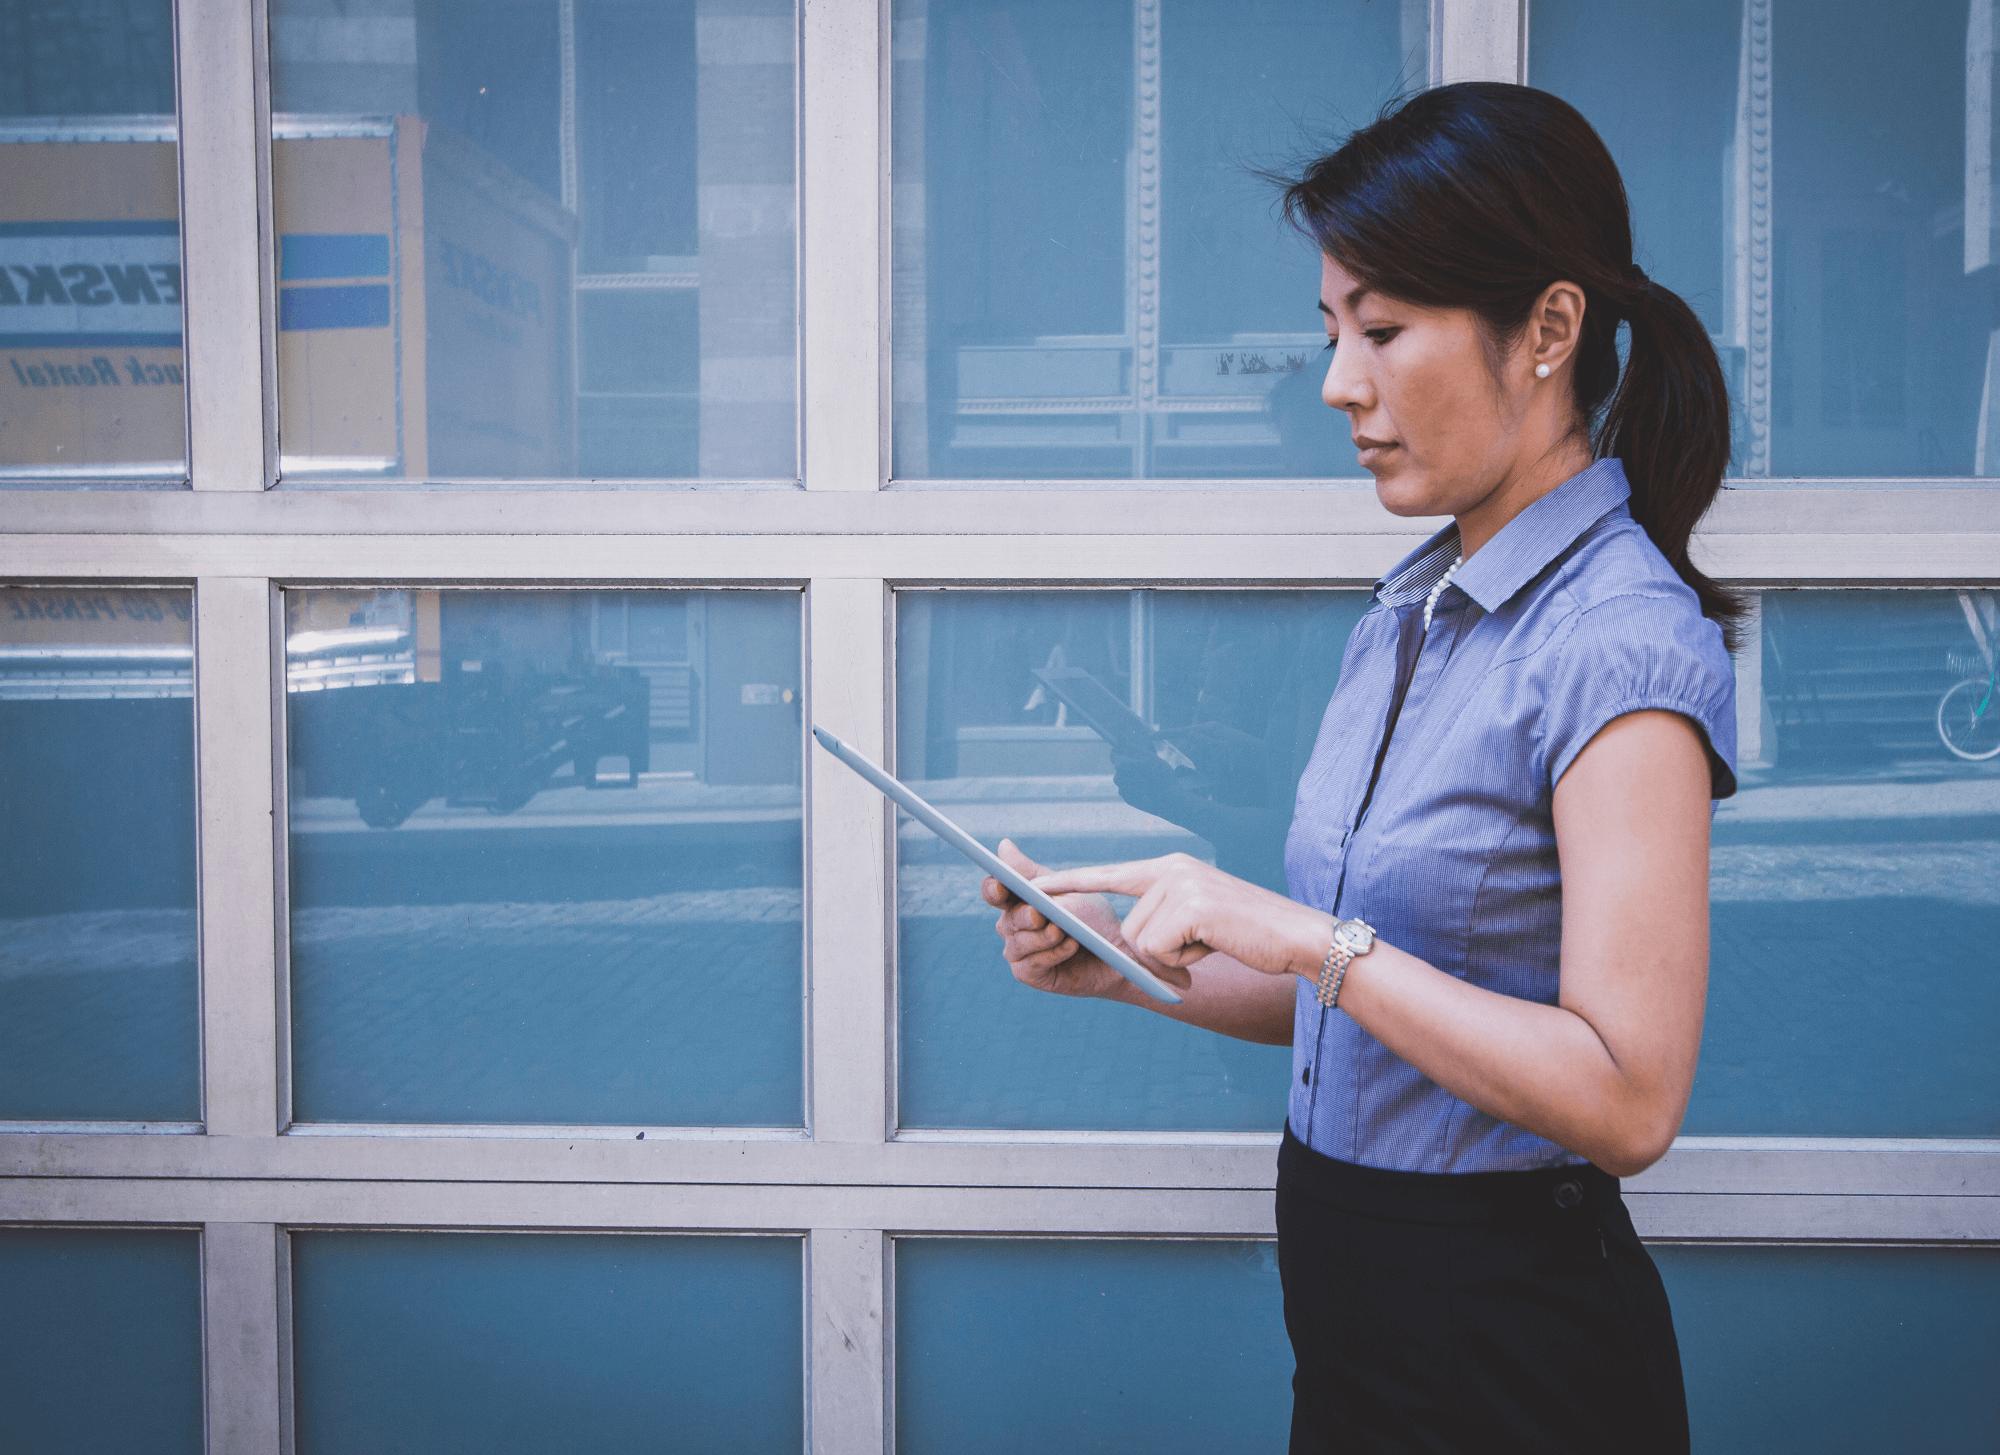 De Belangrijkste Blind Spots van Managers | Managementpraktijken